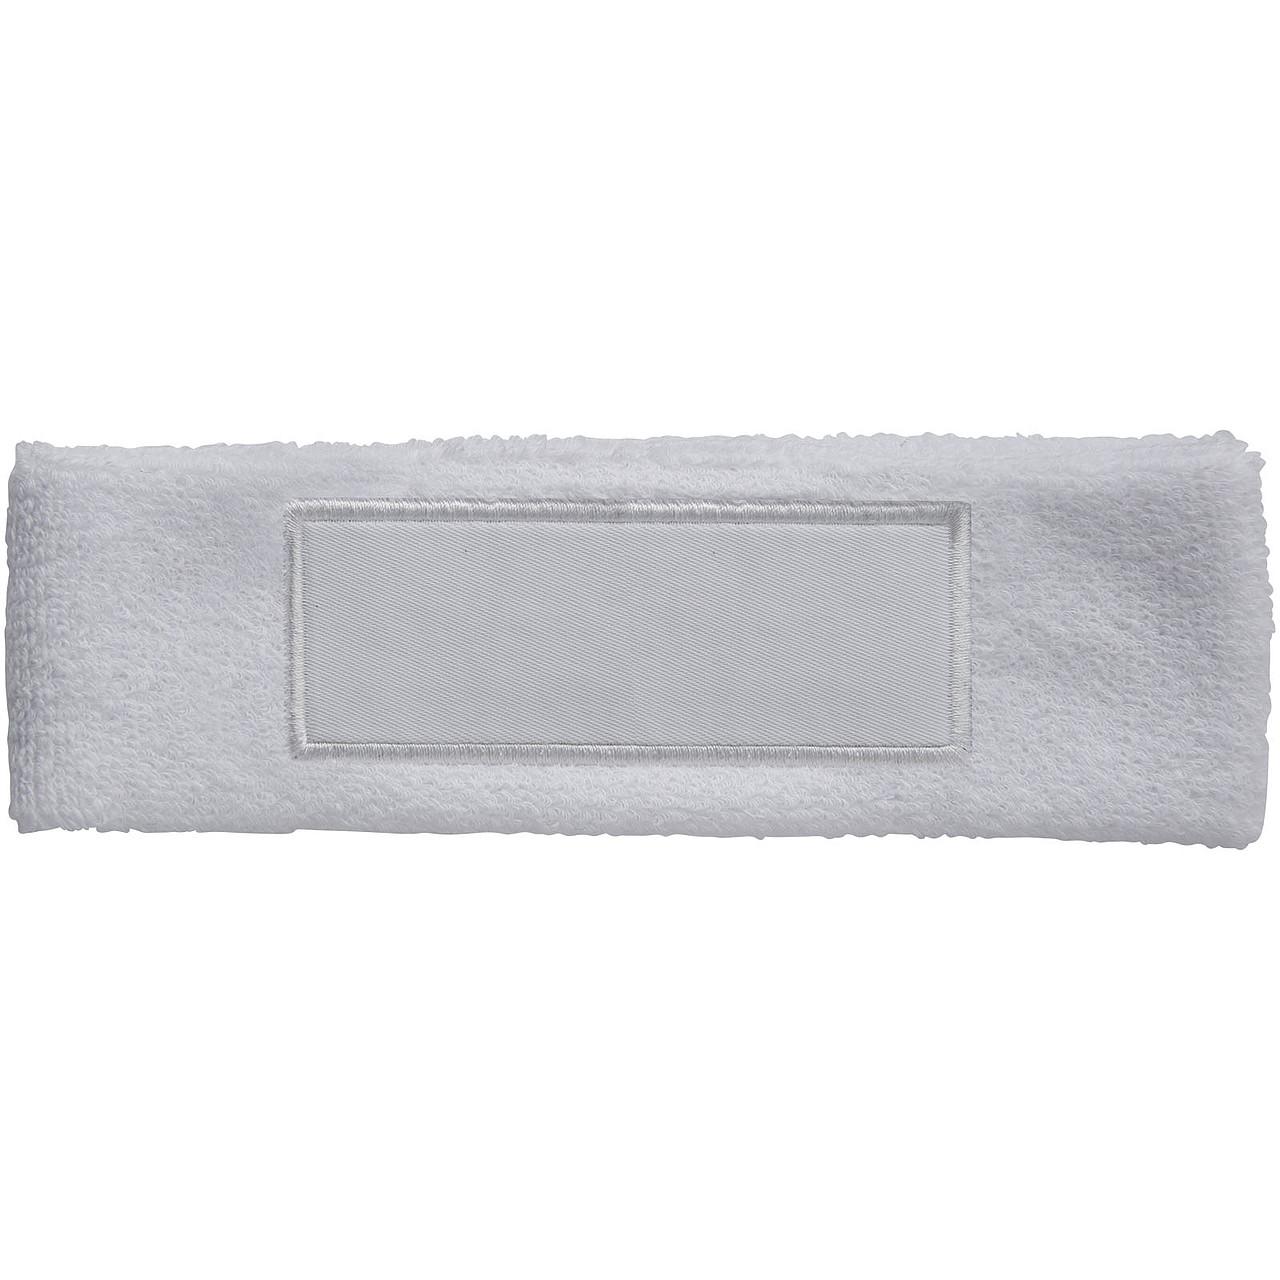 ... bílá Kartáč na vlasy Jolie a gumičky 7e8e2bb7c7